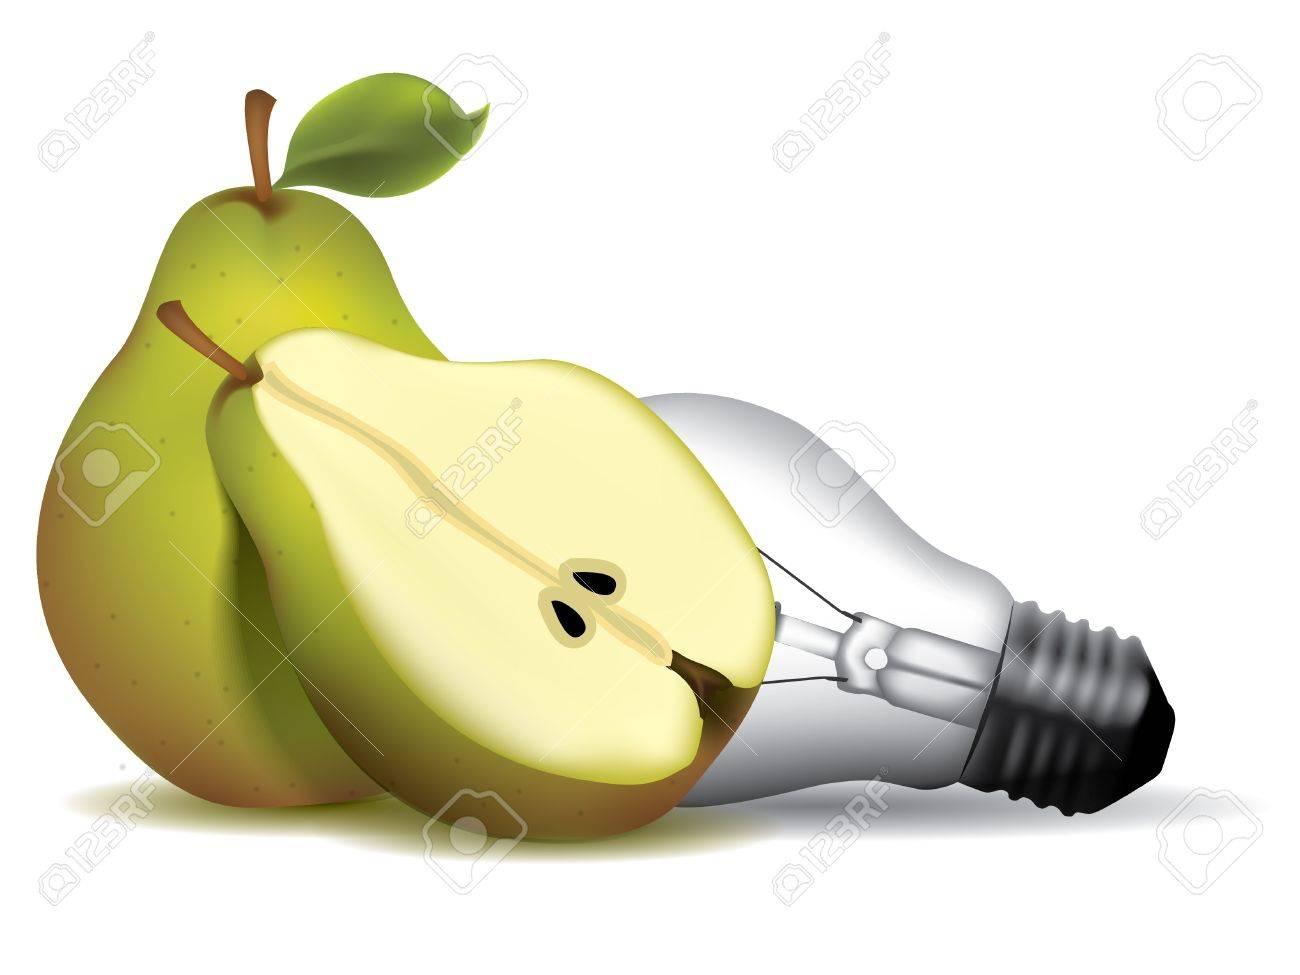 Pear shape light bulb with pears Stock Vector - 9846084